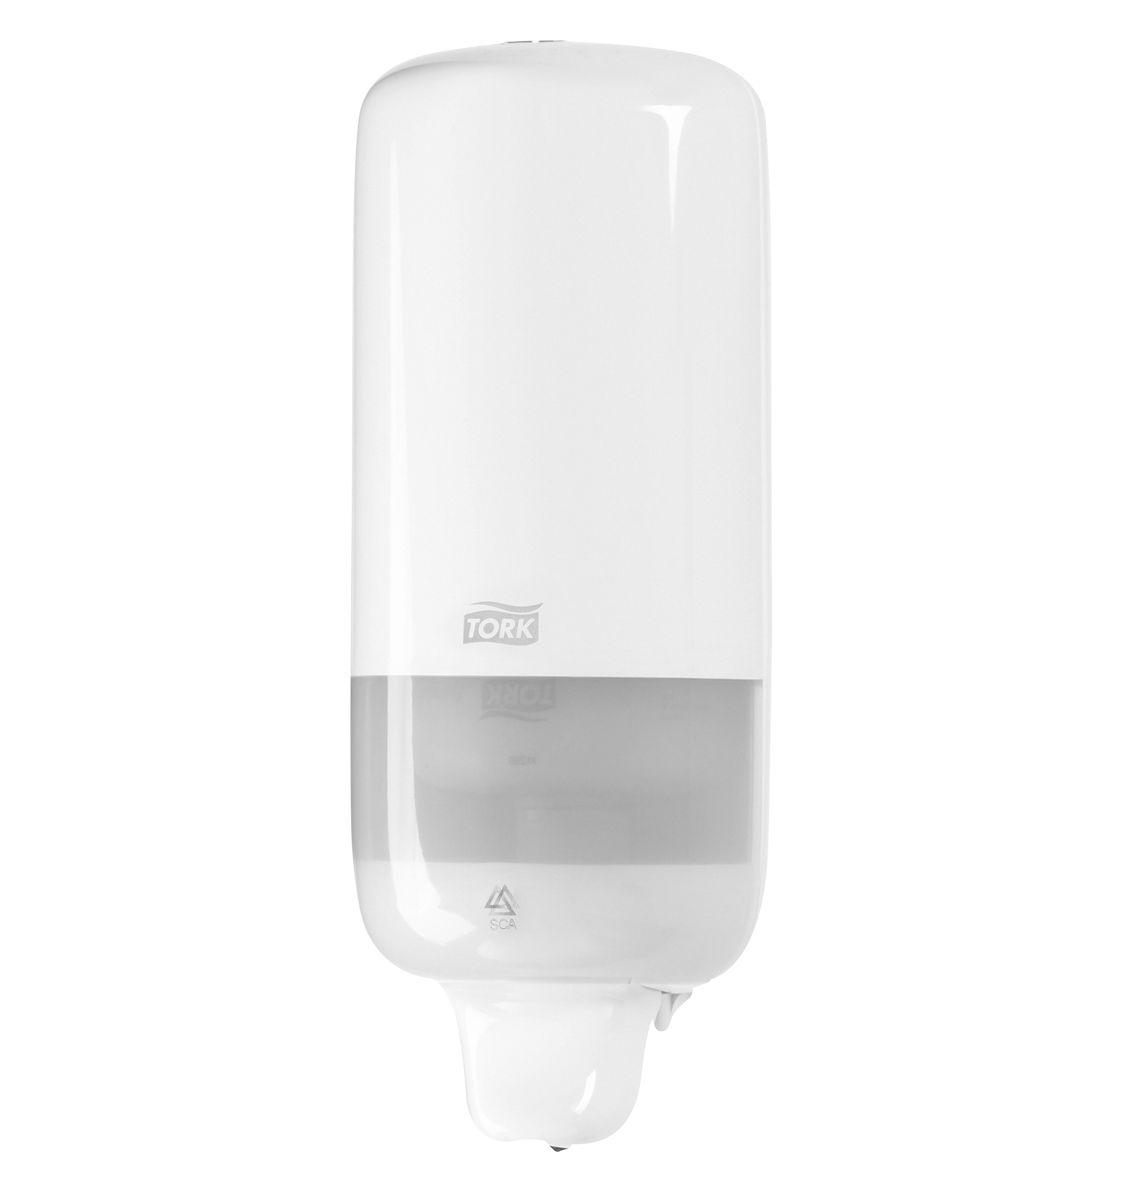 Диспенсер для мыла Tork, цвет: белый. 560000560000Диспенсер Tork подходит для использования в туалетных комнатах всех размеров и уровня проходимости. Ударопрочный пластик - отвечает всем требованиям гигиены. Надежная система подачи - экономичный расход, исключает протекание. 1000 порций мыла. В комплекте крепеж и лекало для установки.